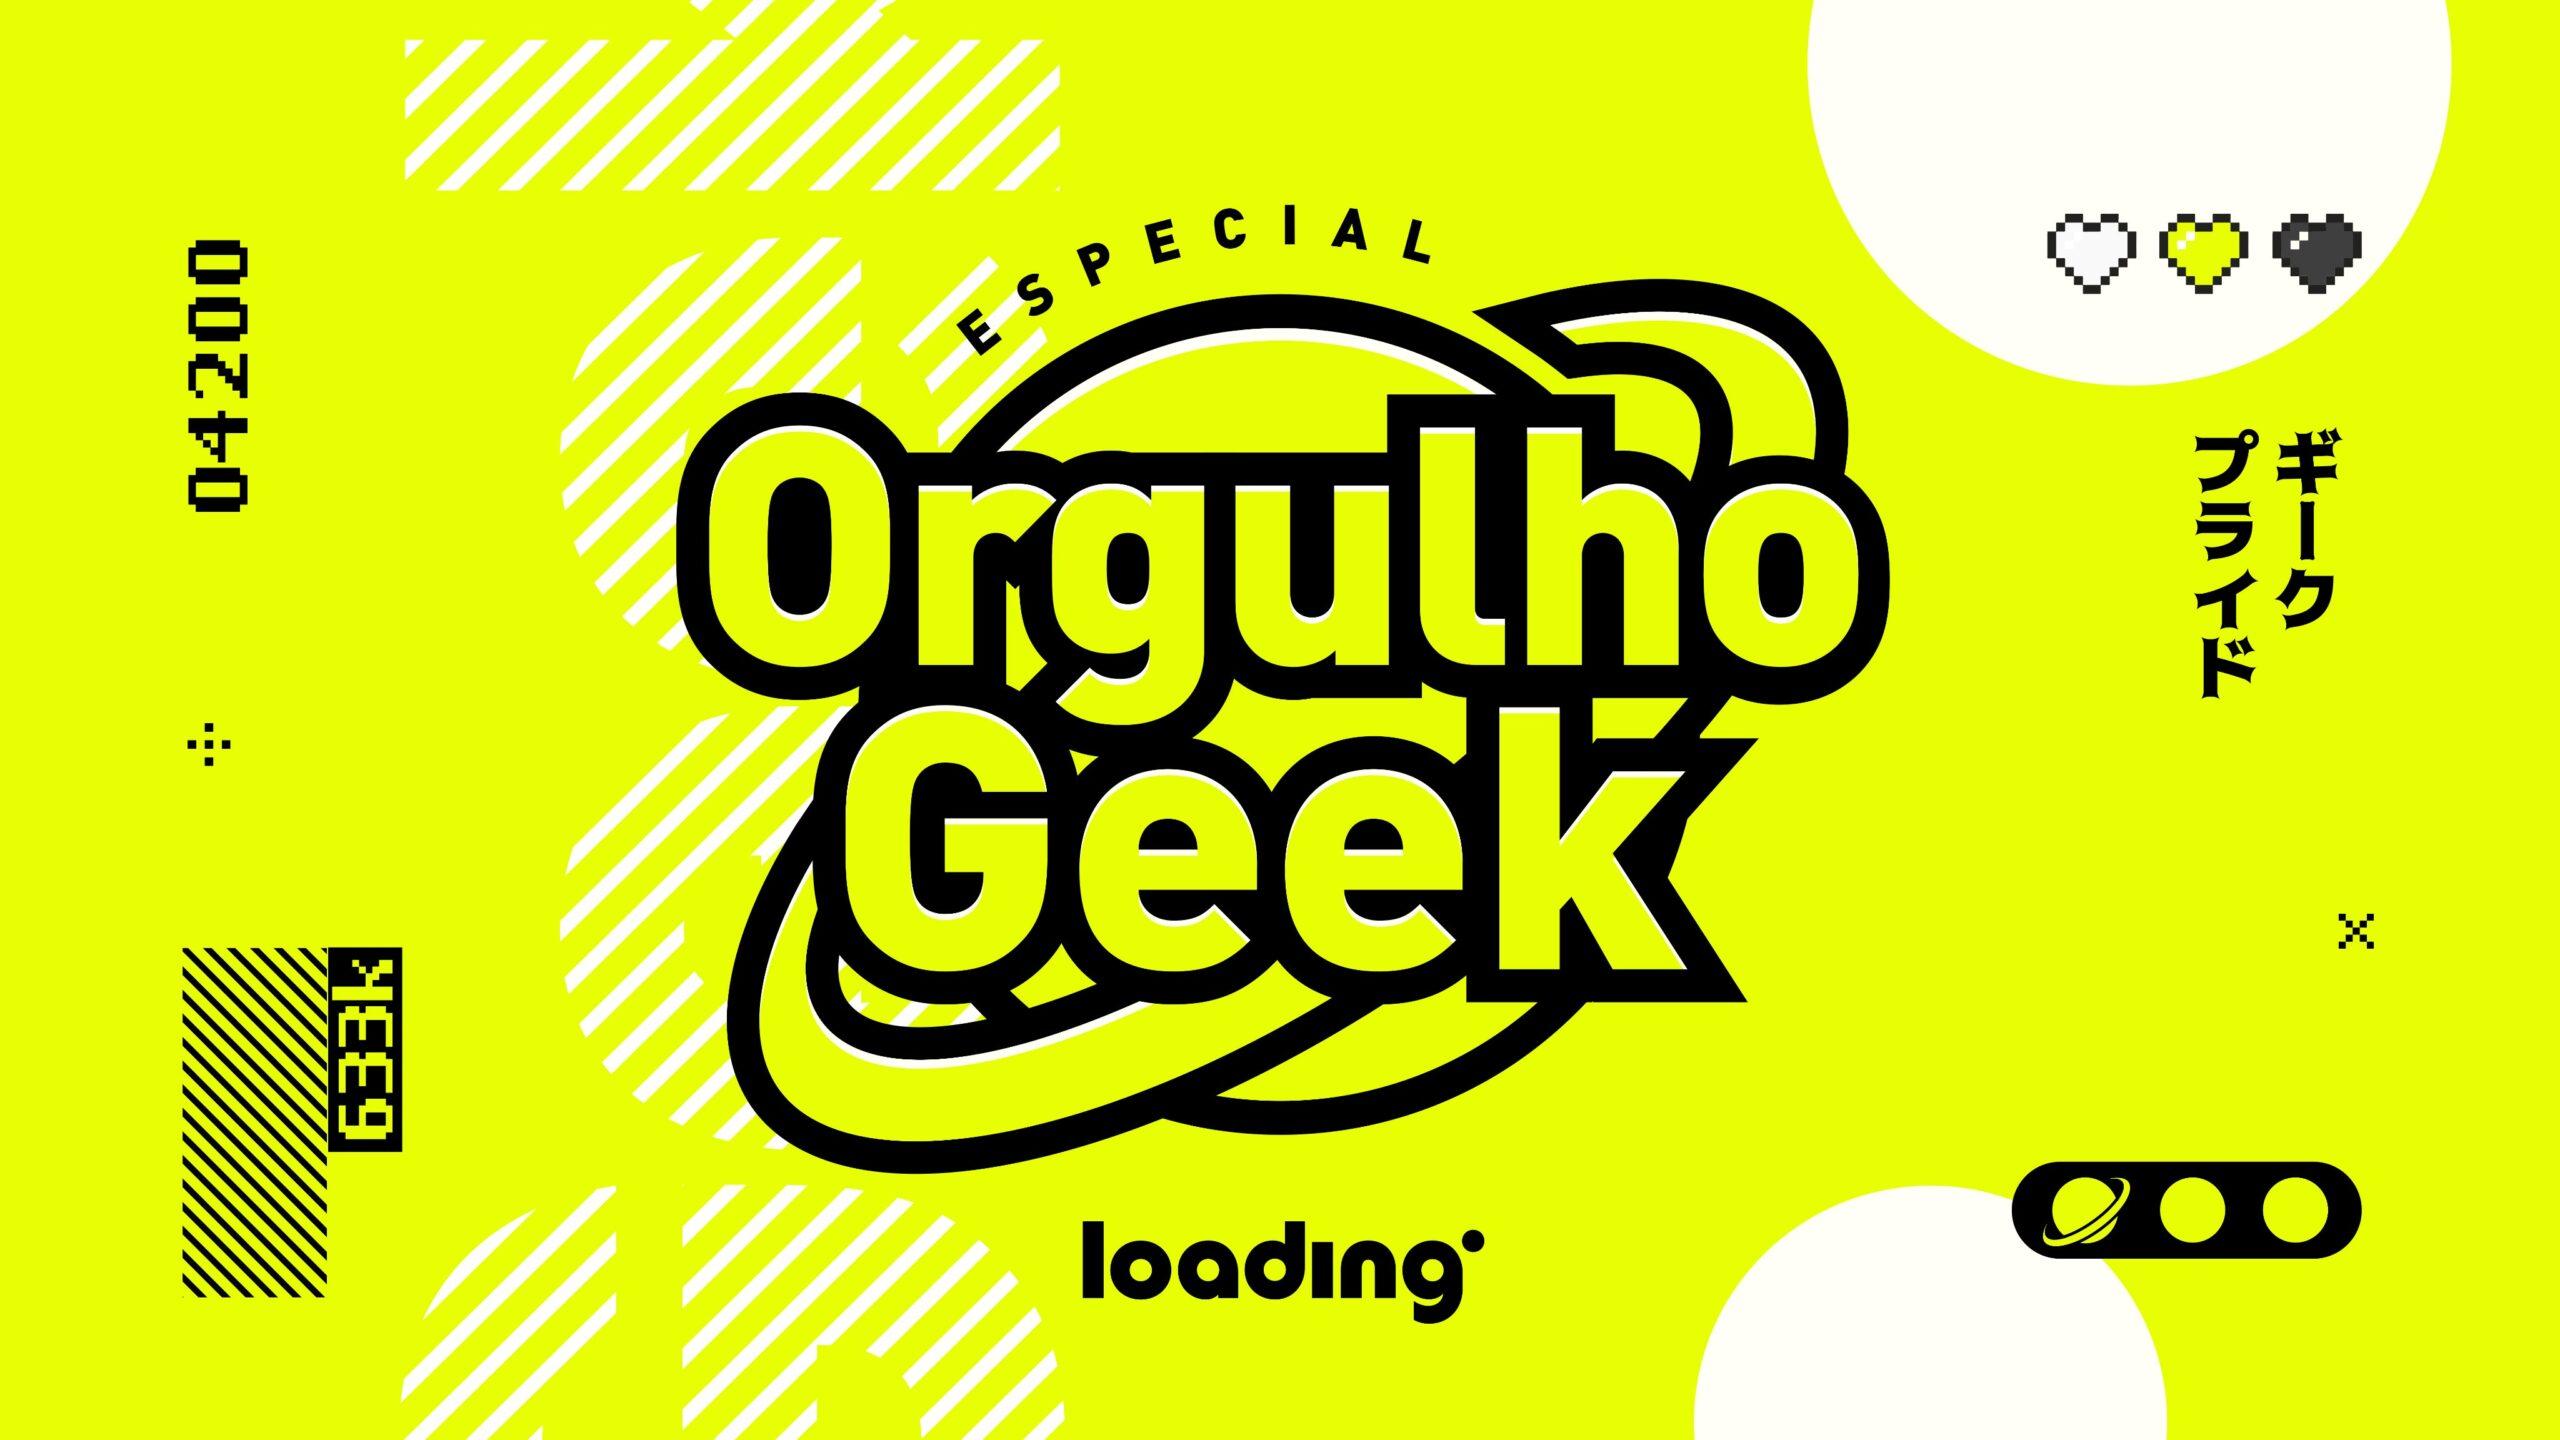 Dia do Orgulho Geek: Loading Prepara Uma Programação Especial No Dia.